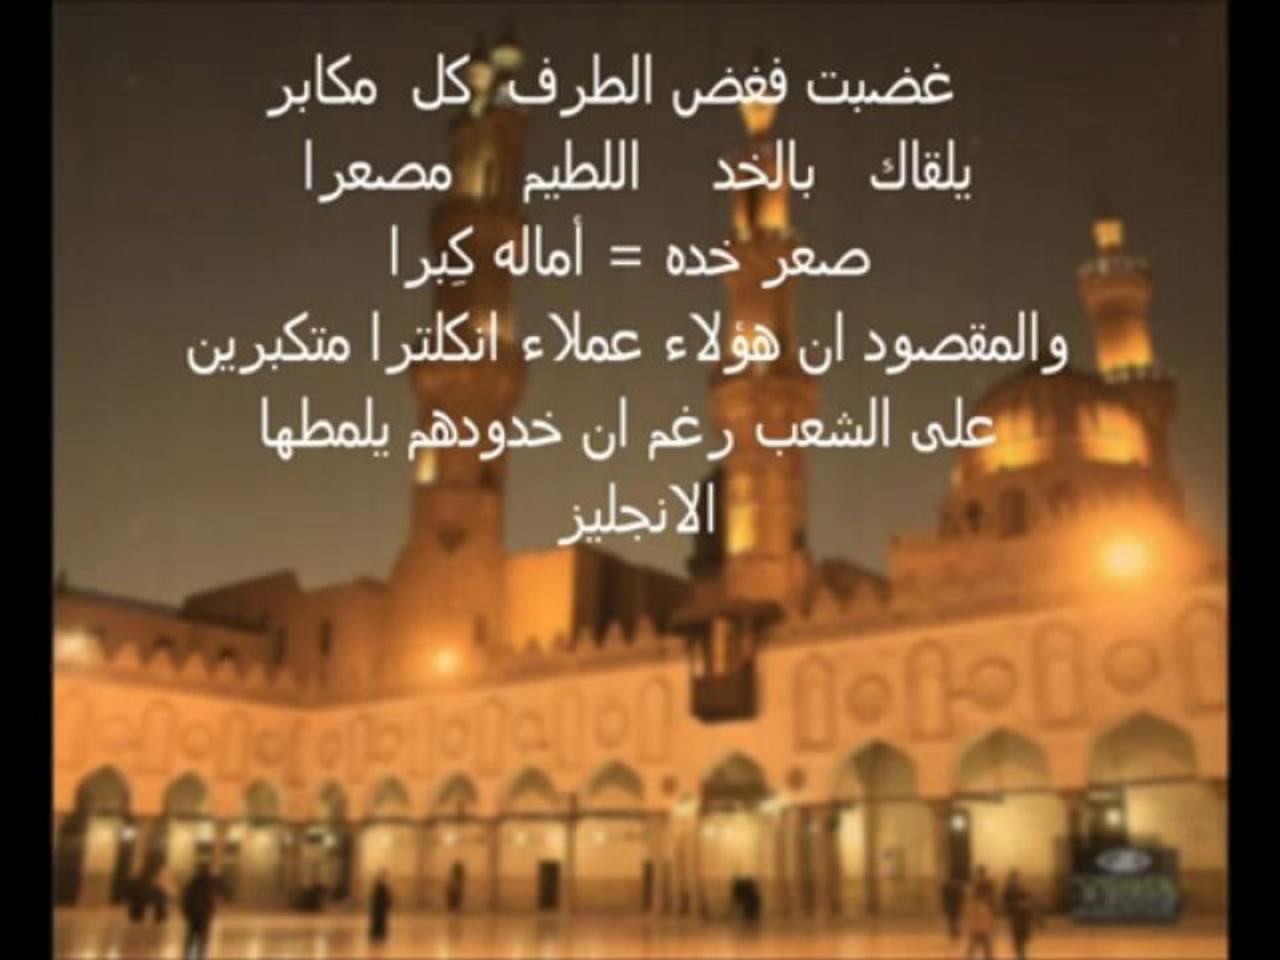 صورة شعر عن الازهر الشريف , مكانه الازهر في نفس كل مؤمن كبيره وليس المصرين فقط 2980 20